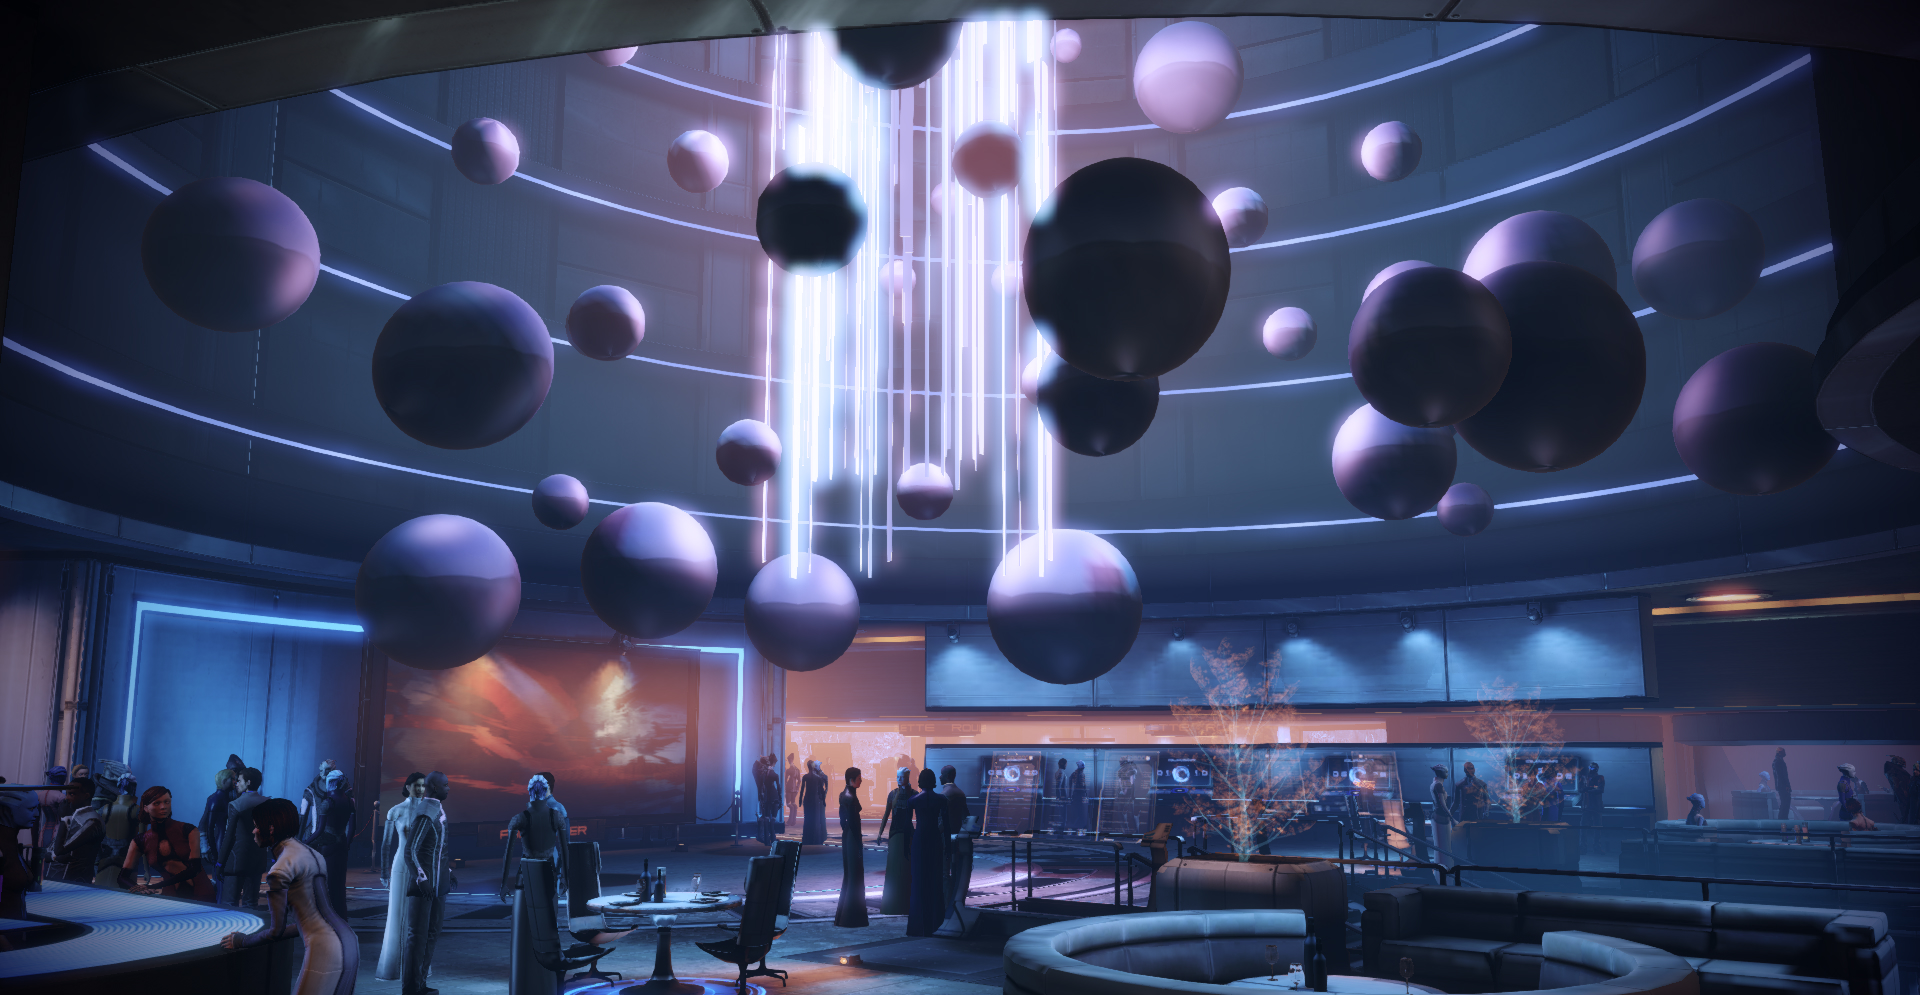 Mass effect 3 казино прохождение работа в ночных клубах и казино в городе москва